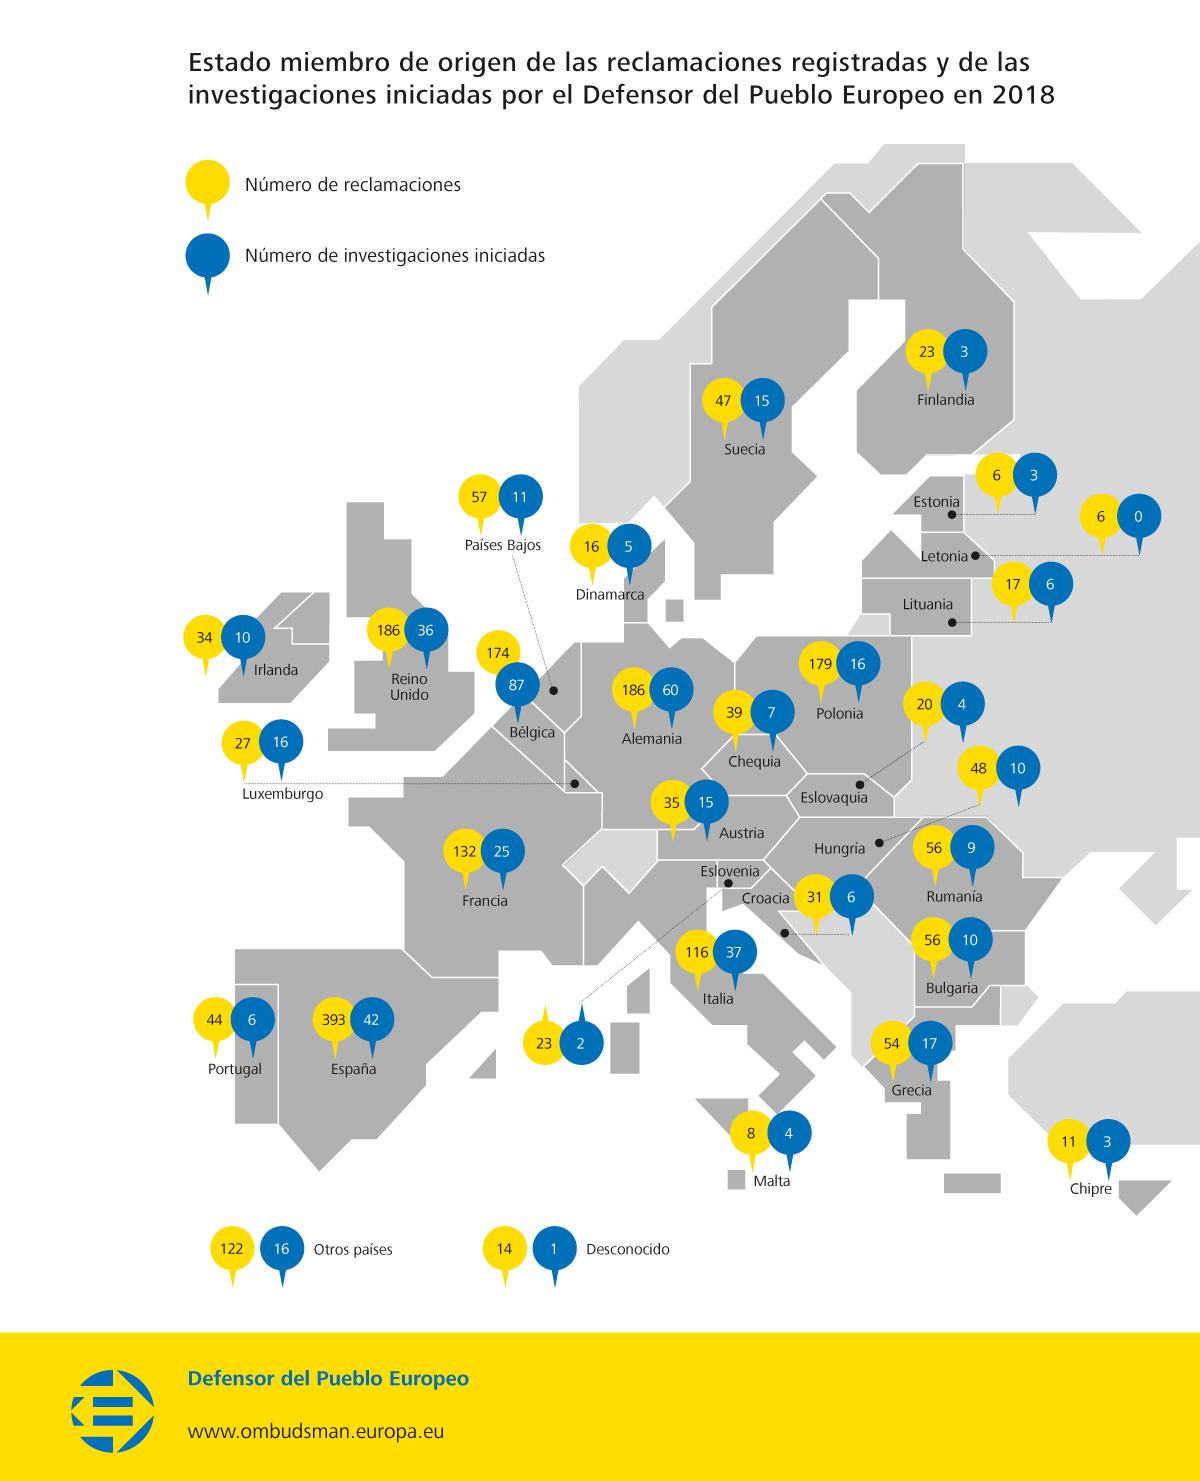 Estado miembro de origen de las reclamaciones registradas y de las investigaciones iniciadas por el Defensor del Pueblo Europeo en 2018